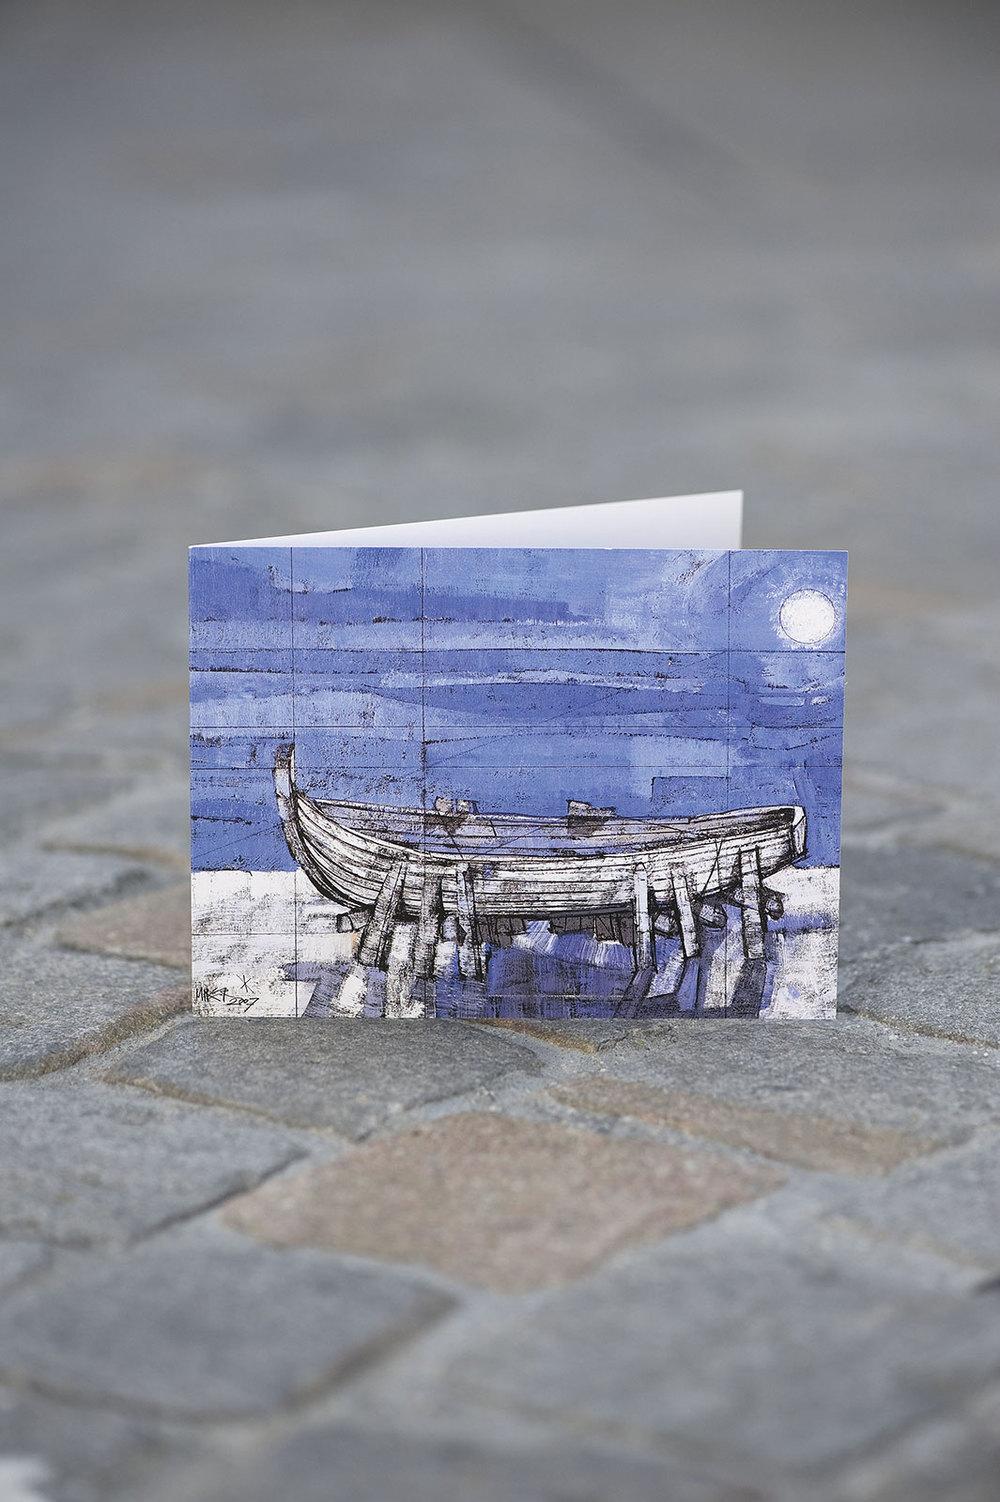 Das alte Fischerboot, Nr. 194